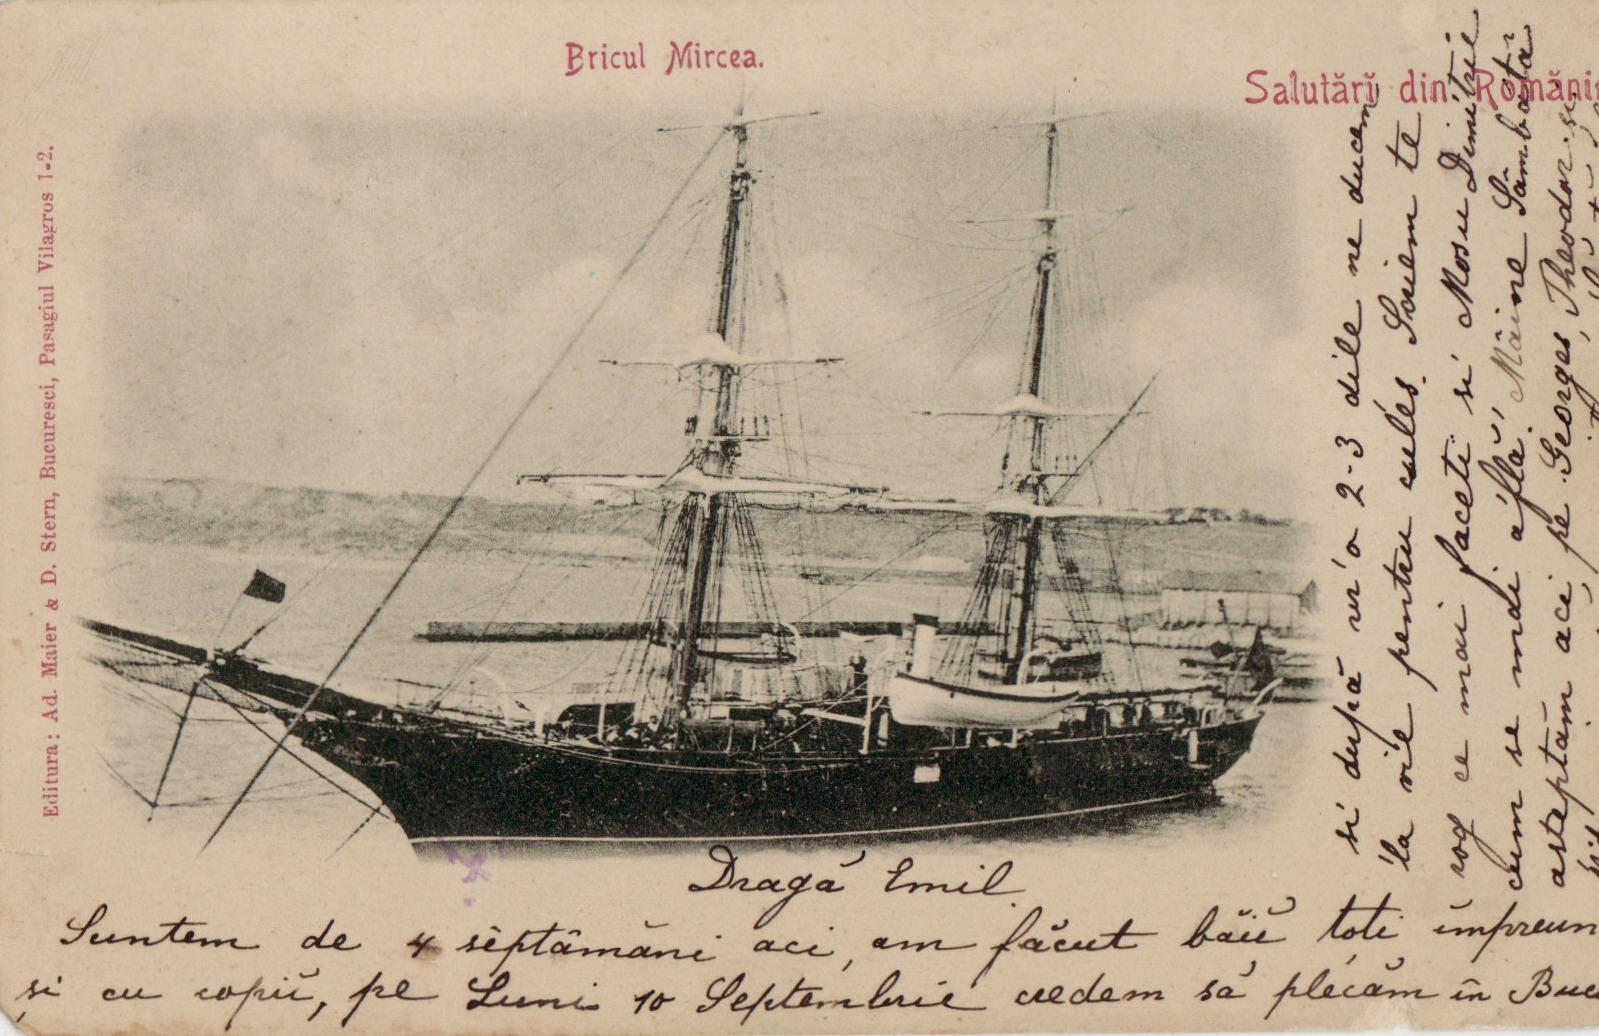 """Bricul """"Mircea"""" ilustrat pe o carte poștală."""